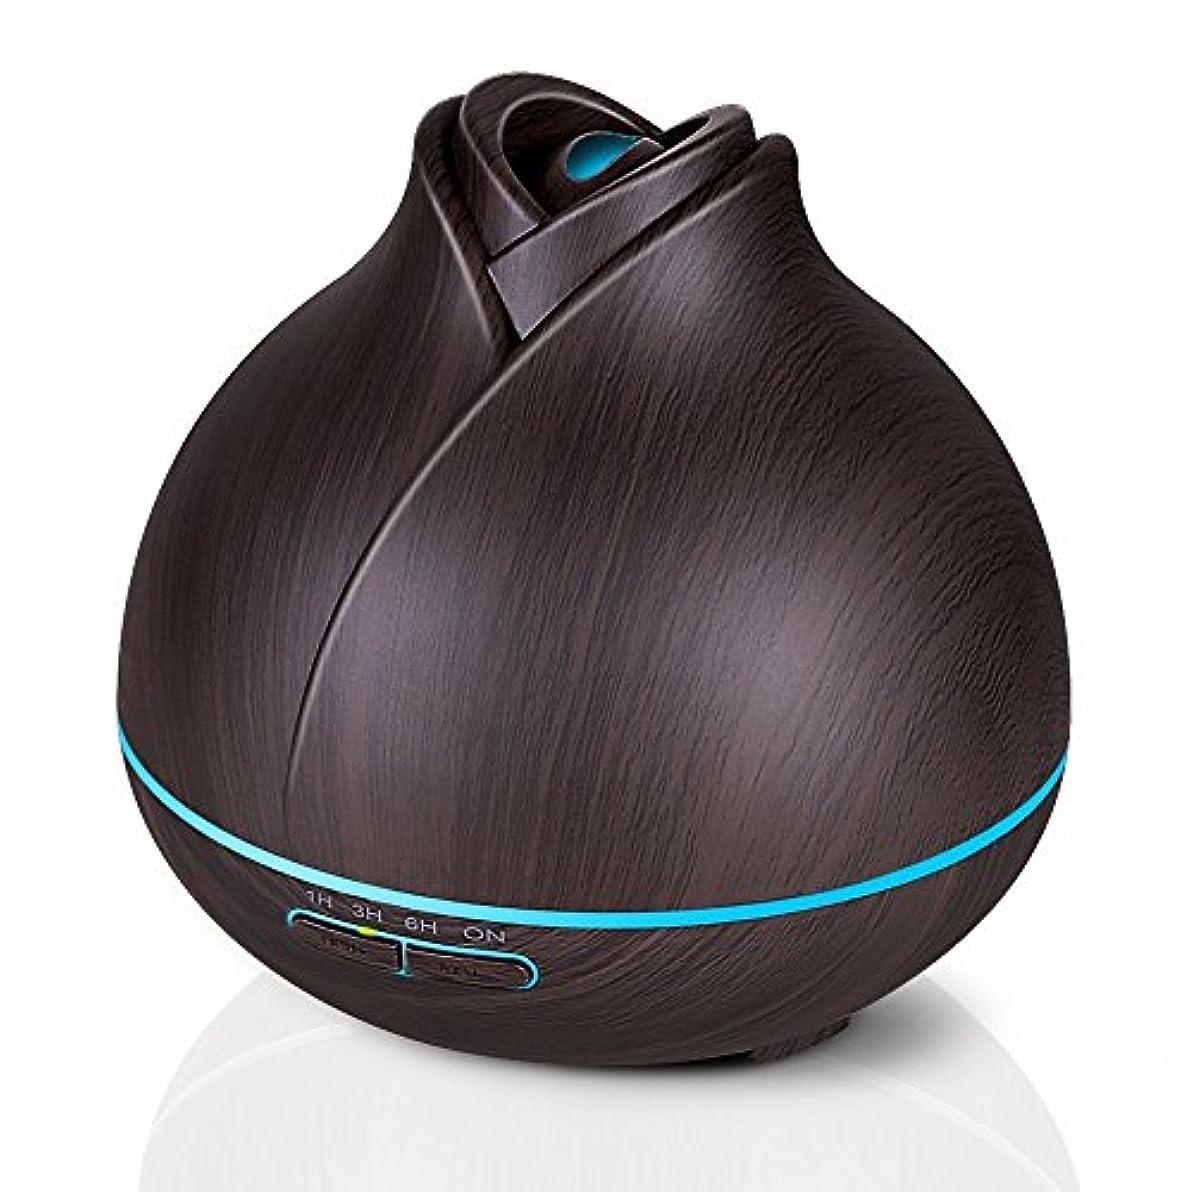 ペン超音速下位エッセンシャルオイルディフューザー、400ミリリットル電気超音波クールミスト加湿器アロマディフューザー、7色LEDライト付き空気清浄機